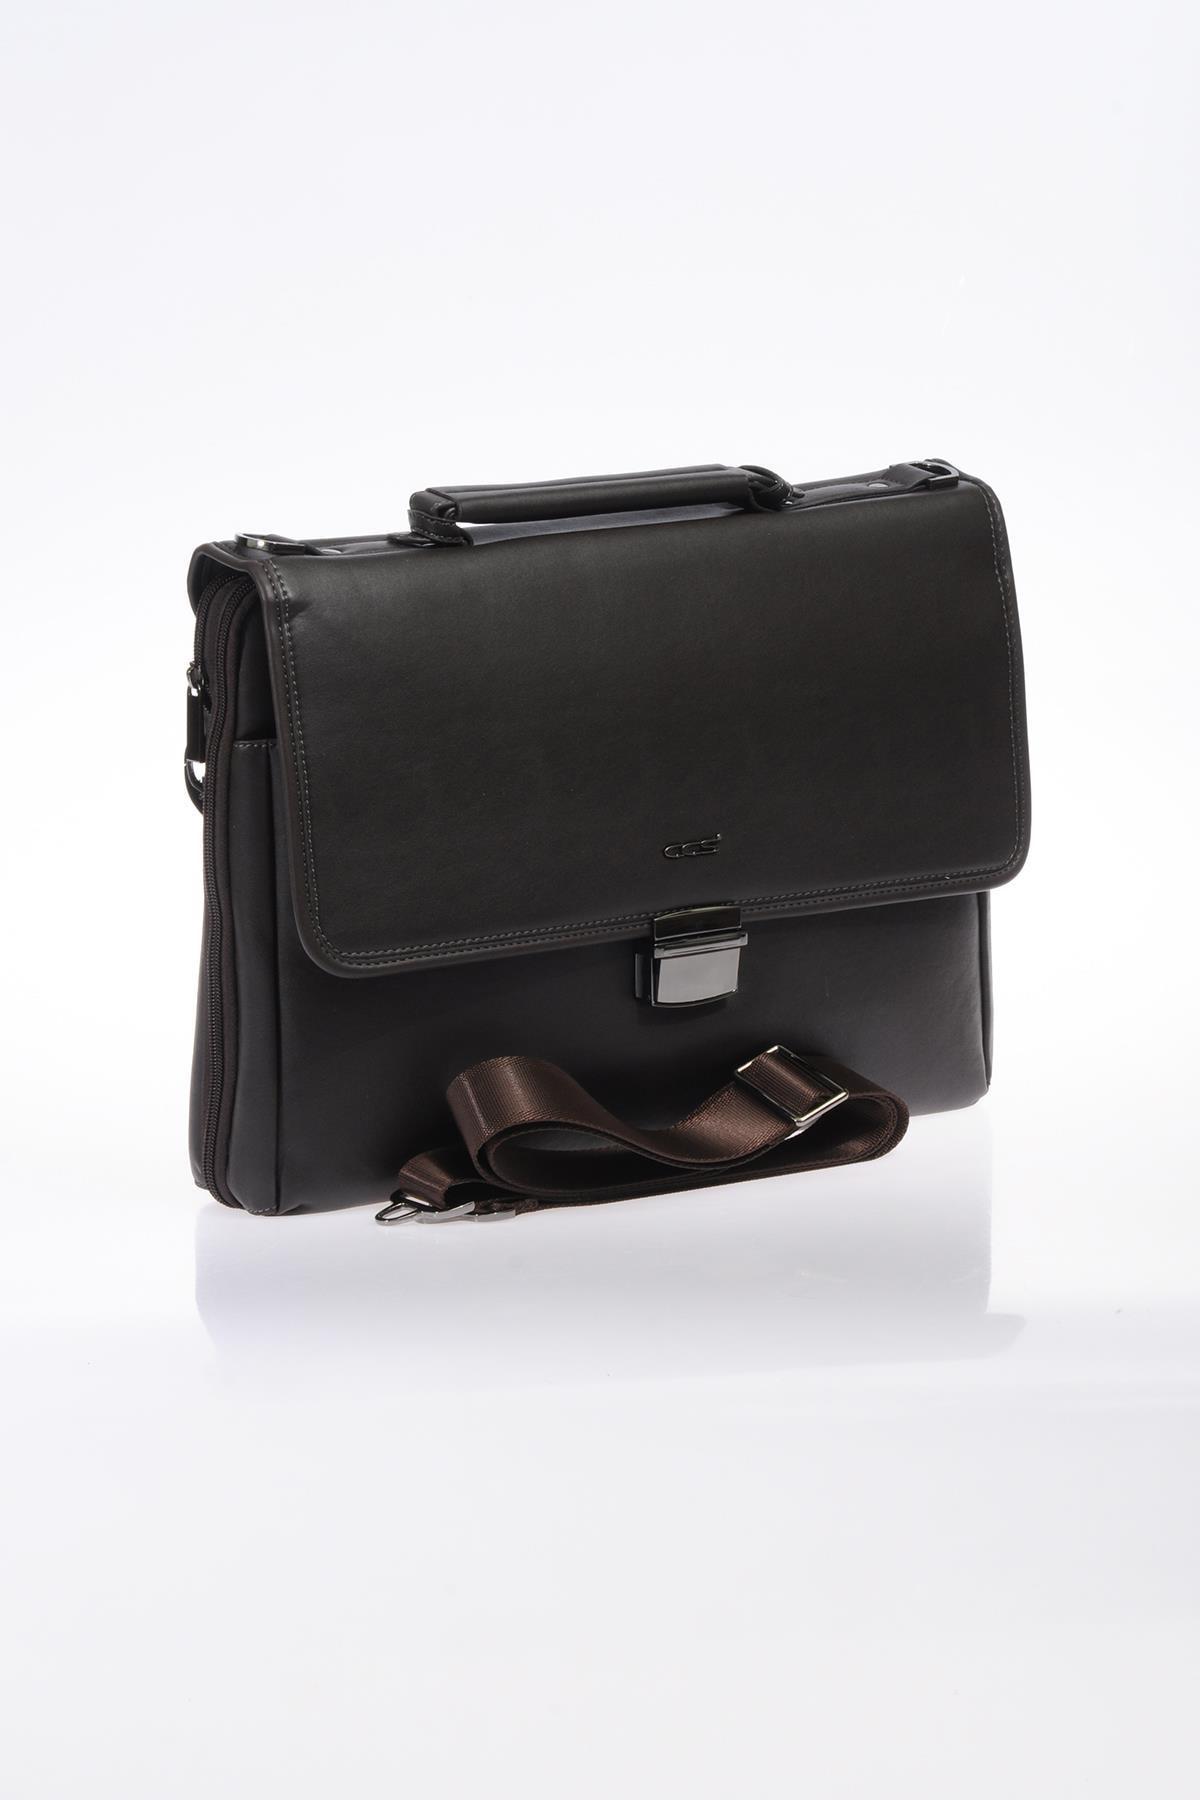 ÇÇS Kahverengi Unisex Laptop & Evrak Çantası 8698598430594 2